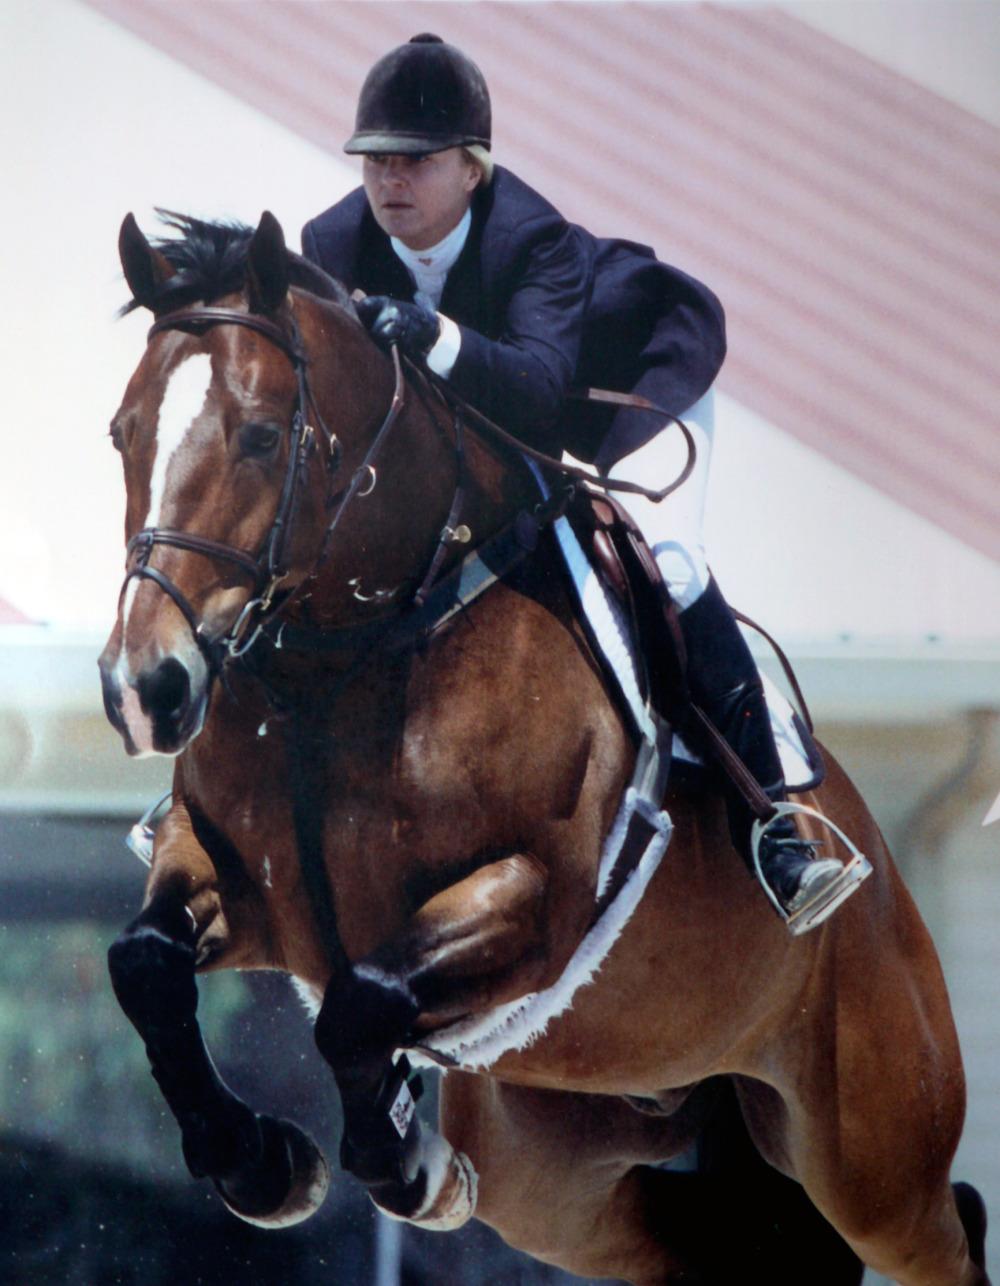 horsebackP1050472